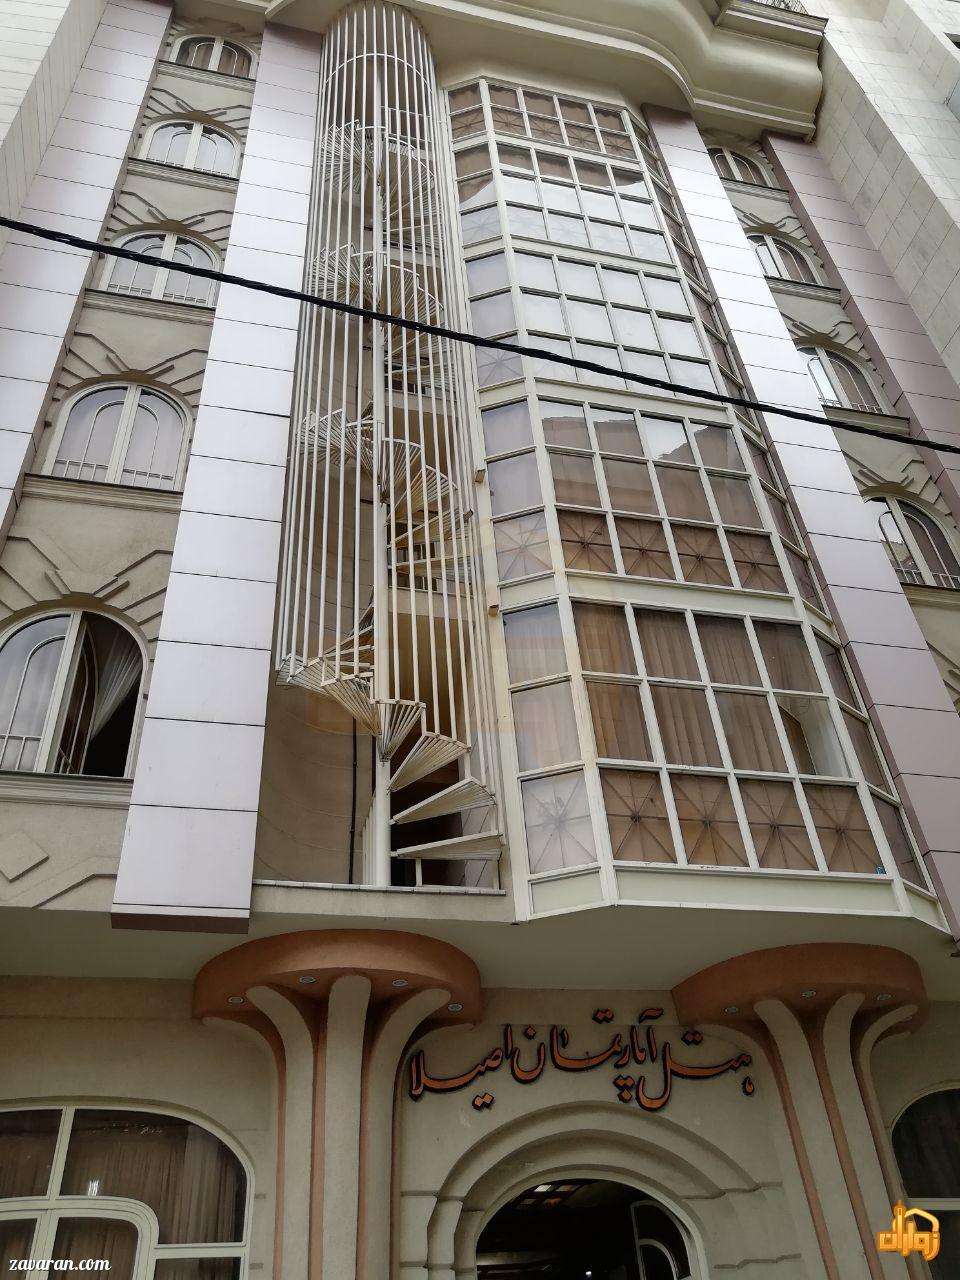 ساختمان هتل آپارتمان اصیلا مشهد